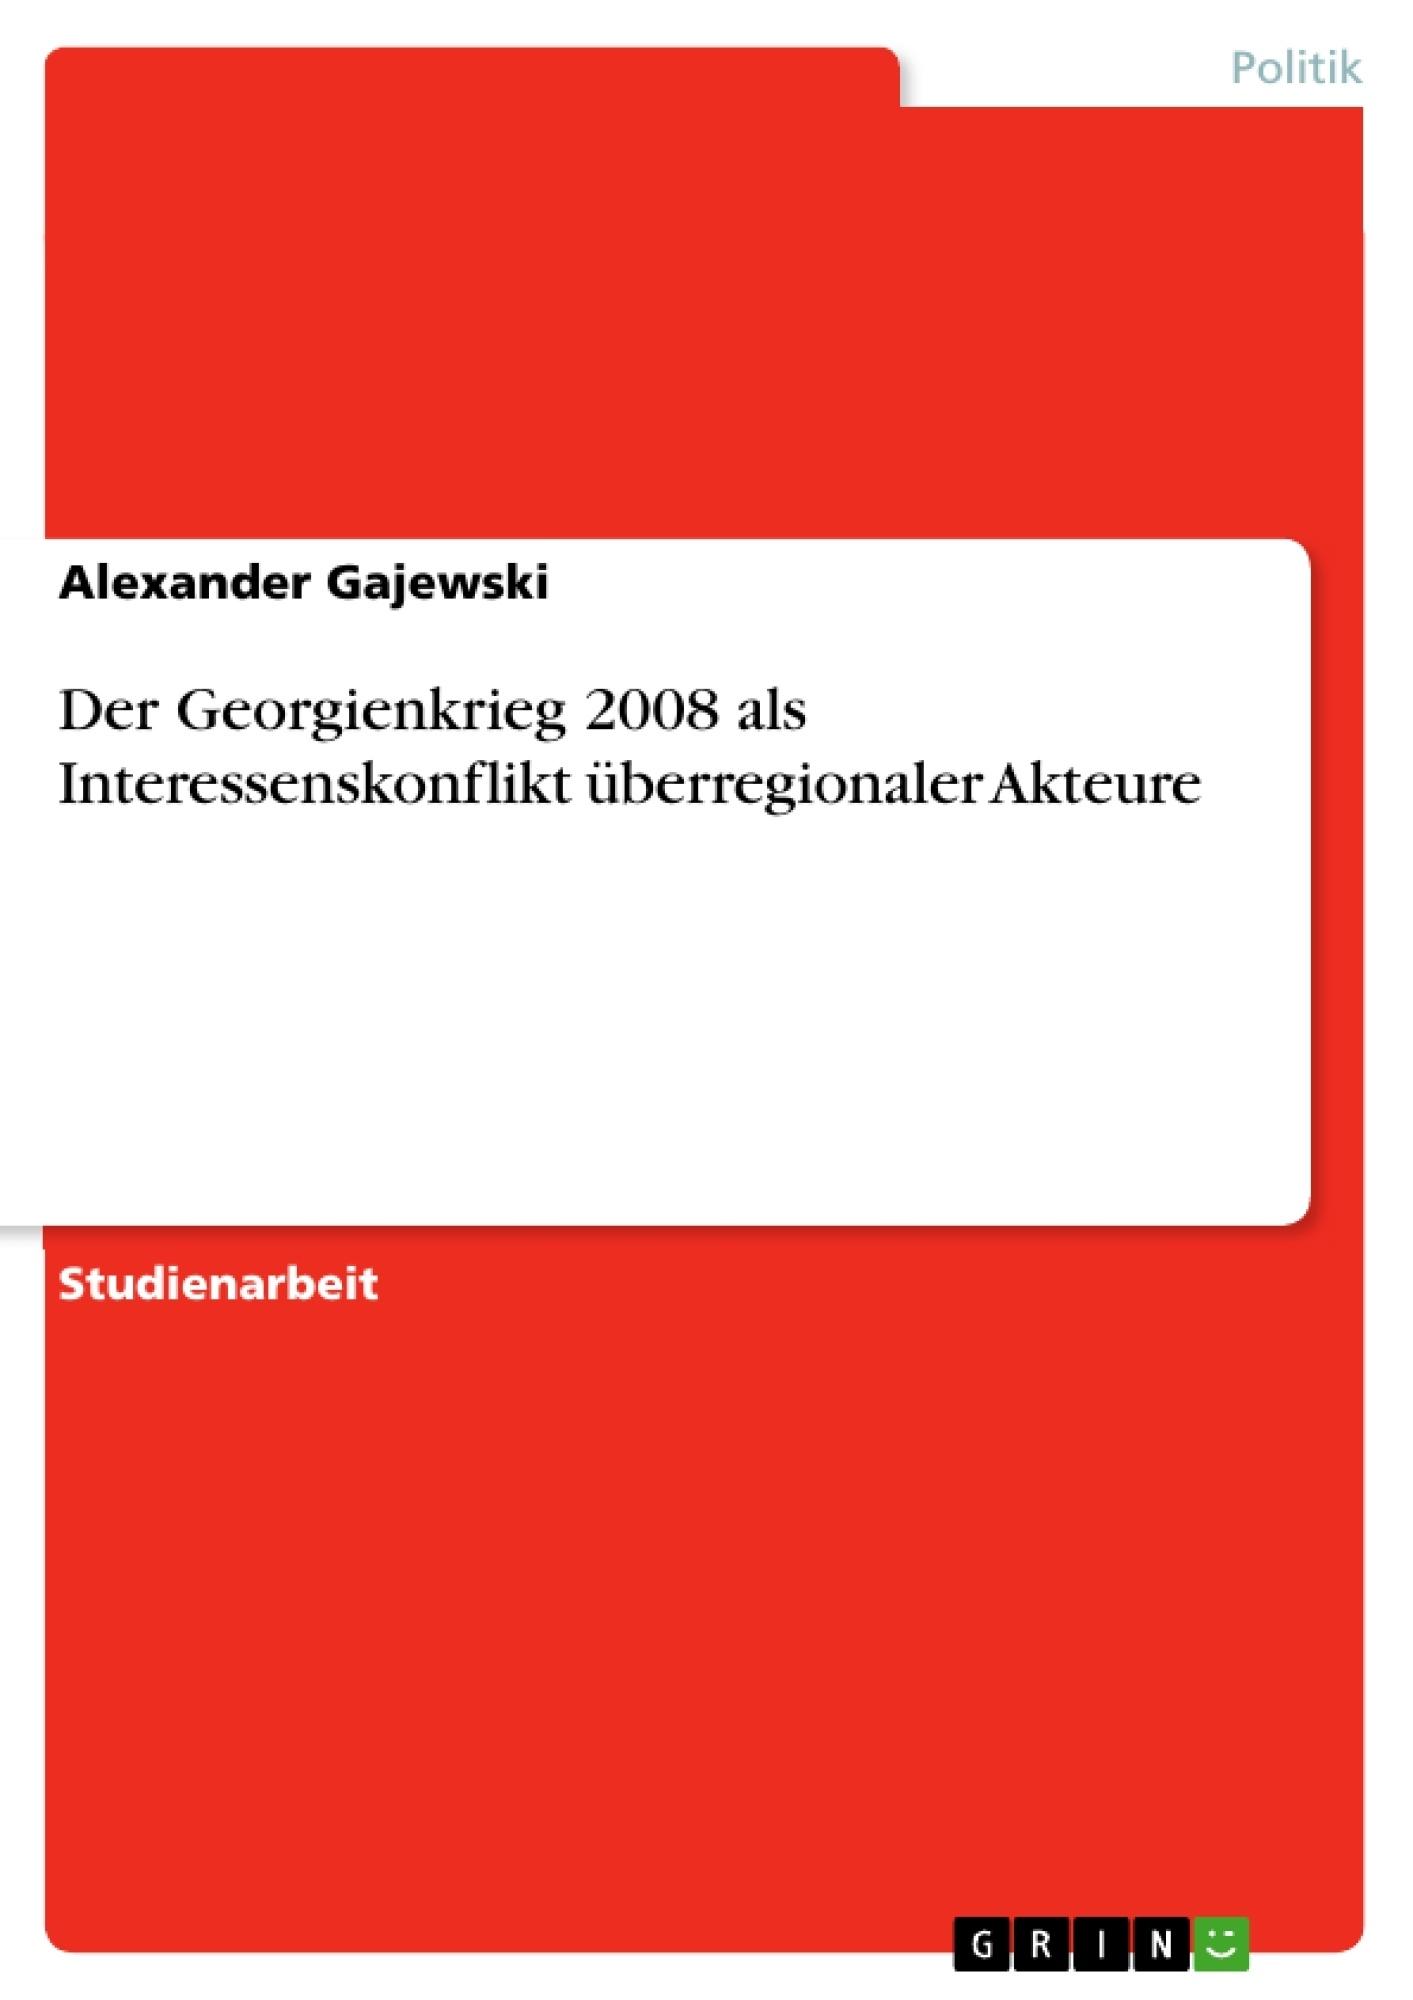 Titel: Der Georgienkrieg 2008 als Interessenskonflikt überregionaler Akteure